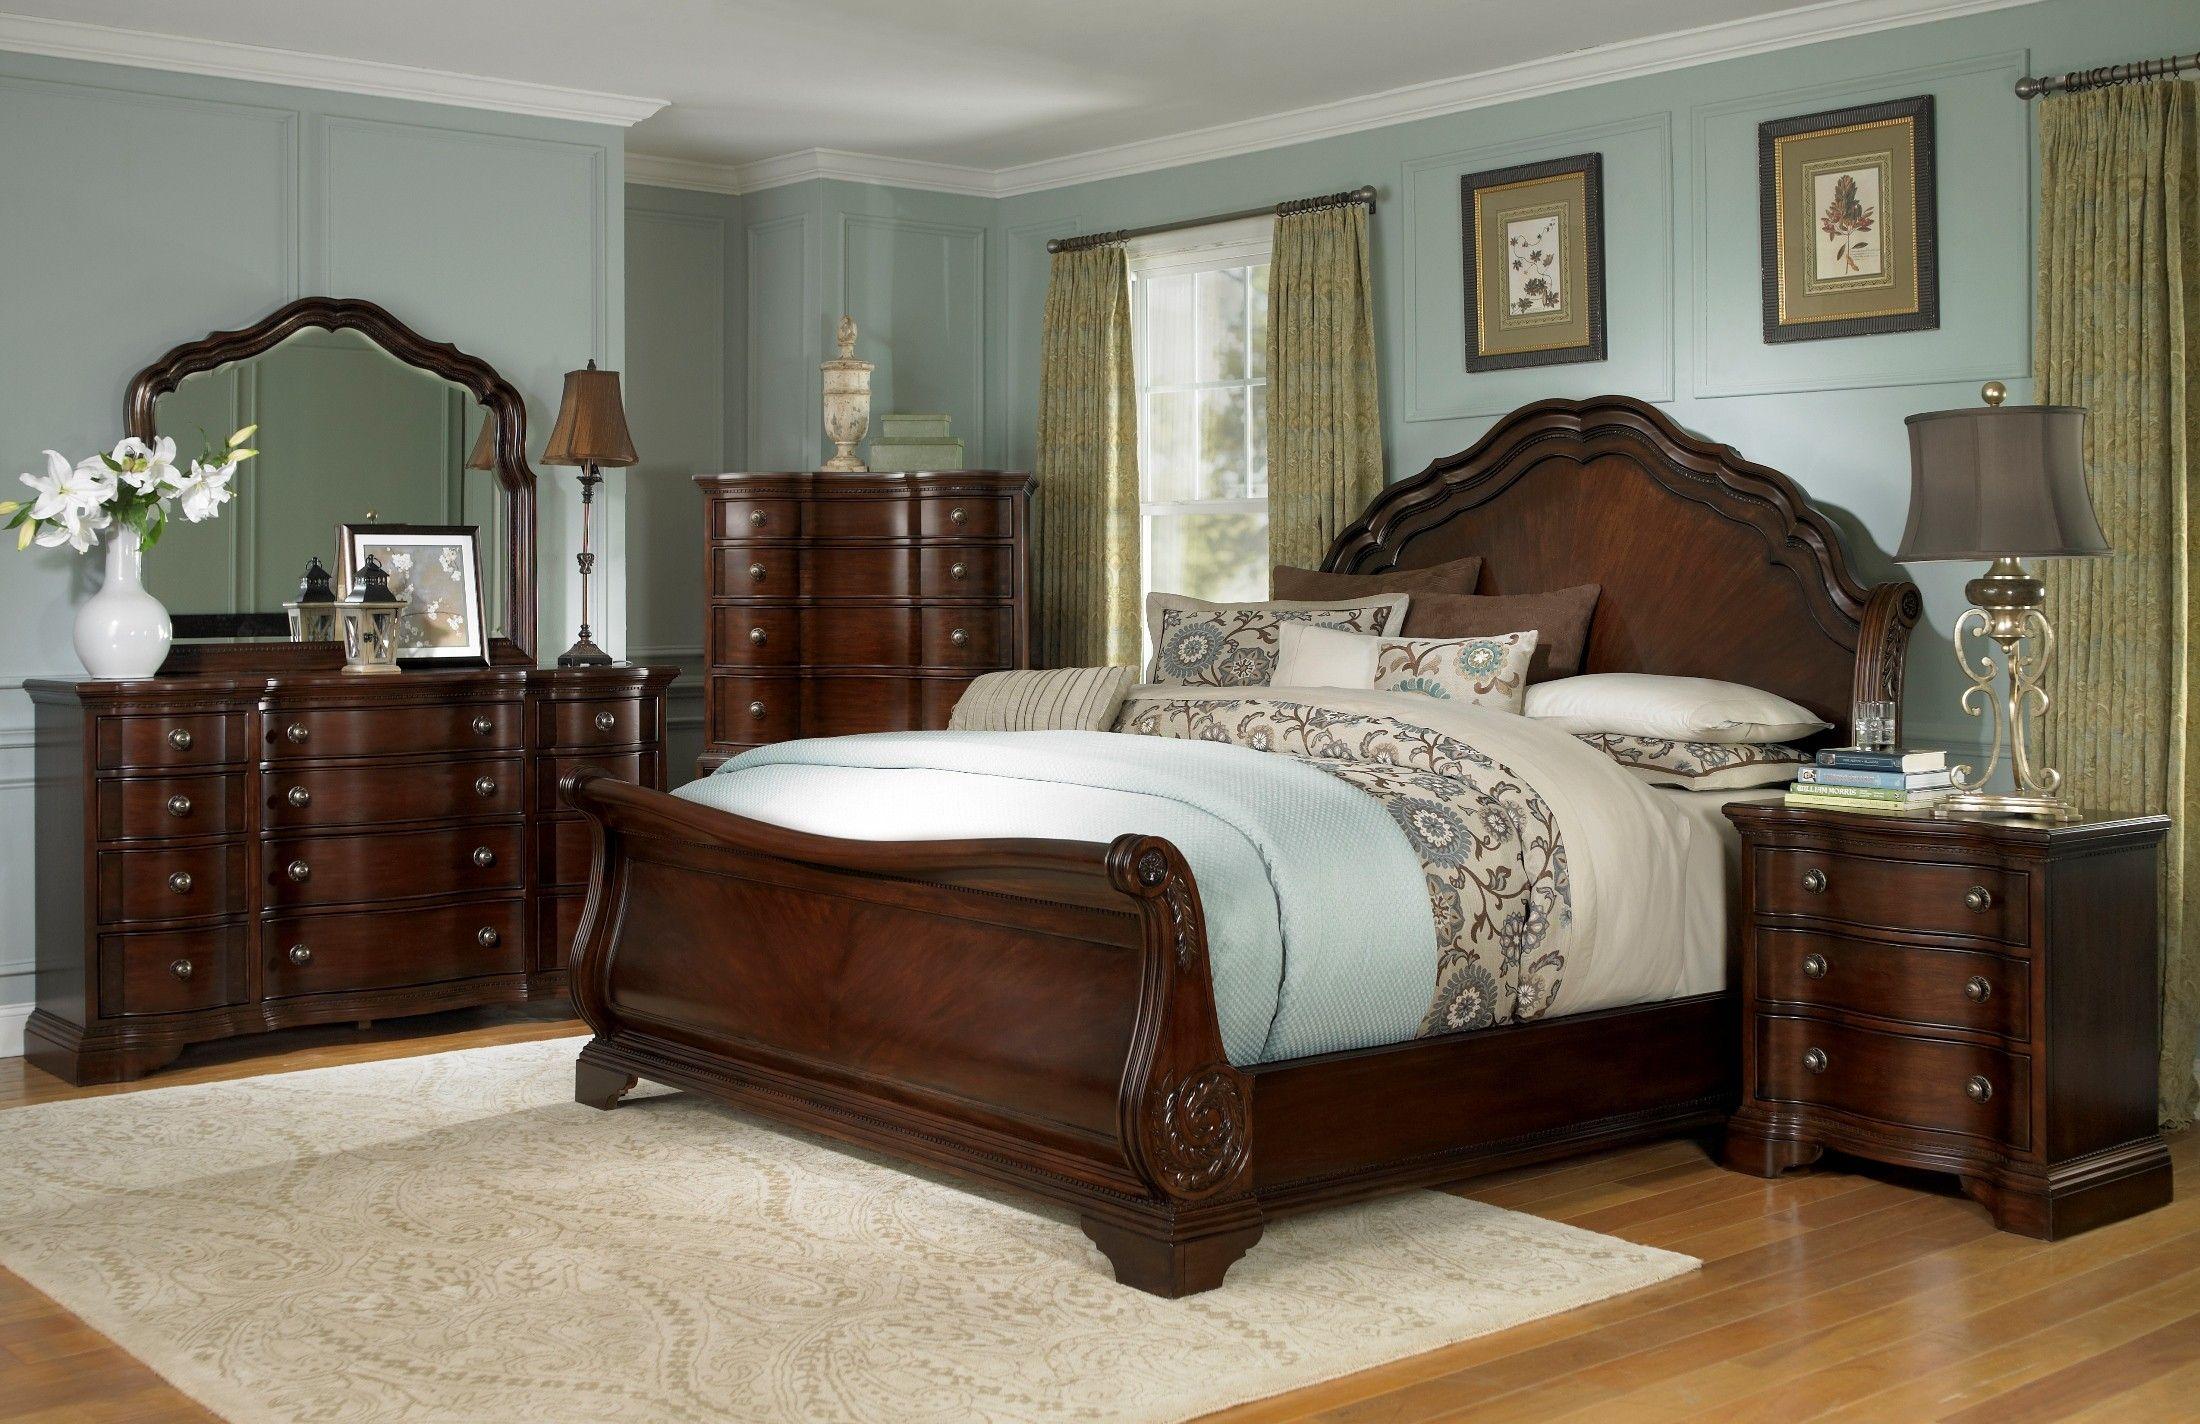 Http://colemanfurniture.com/devonshire Sleigh Bedroom Set.